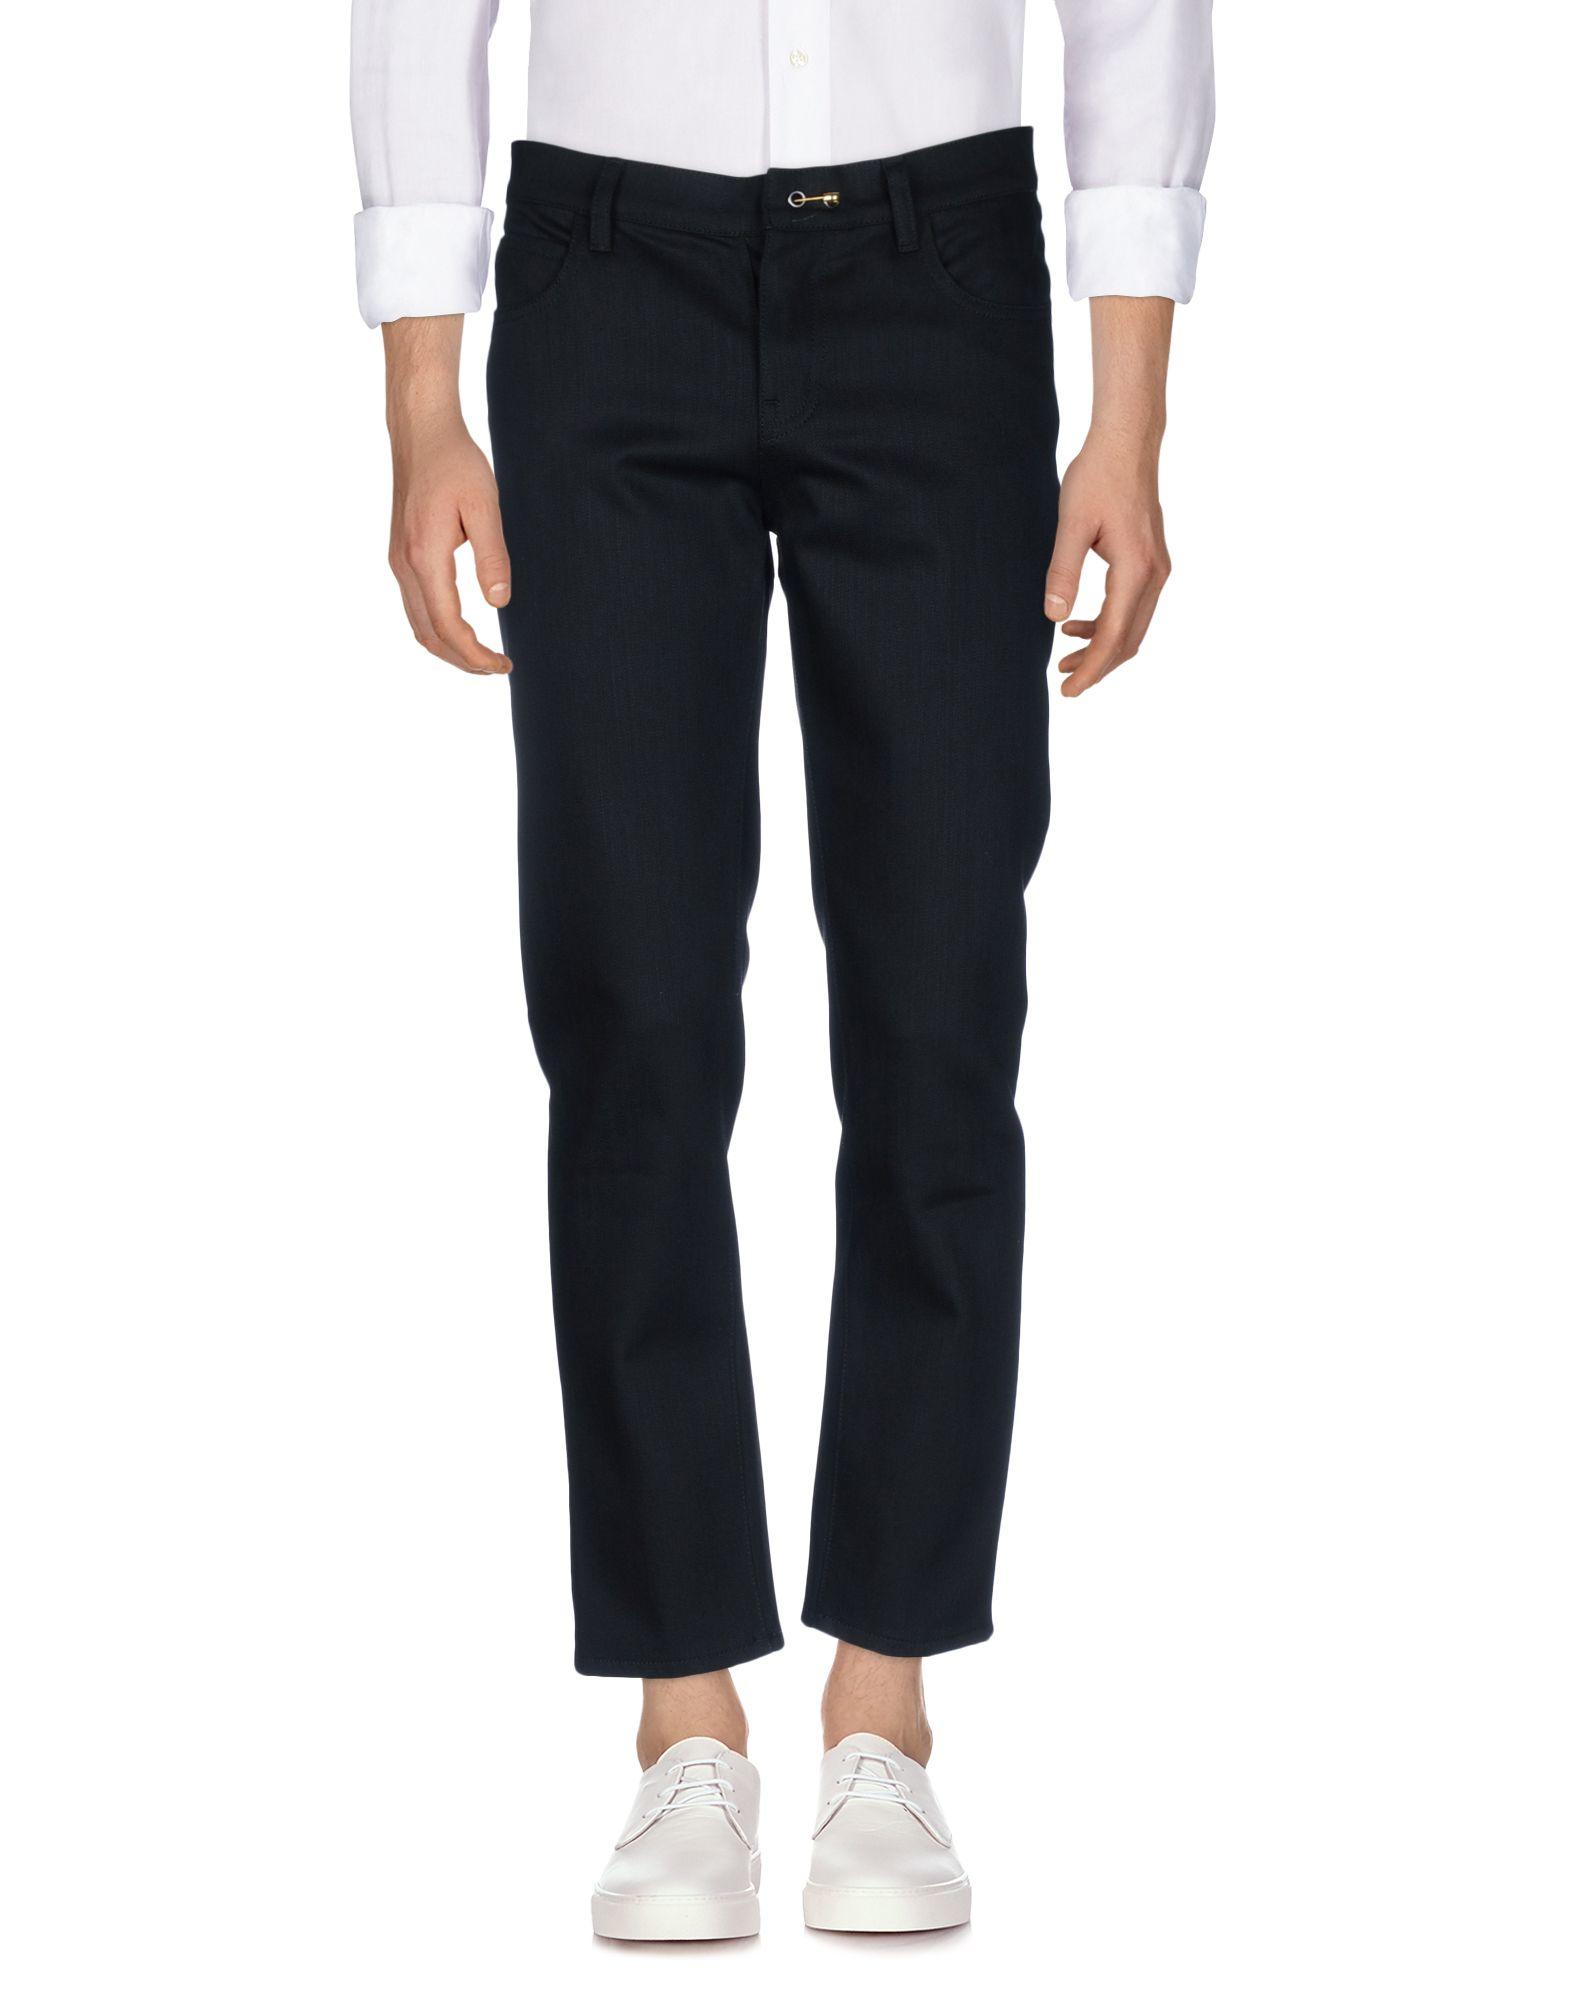 Pantaloni Jeans Enfants Riches Déprimés Donna - Acquista online su